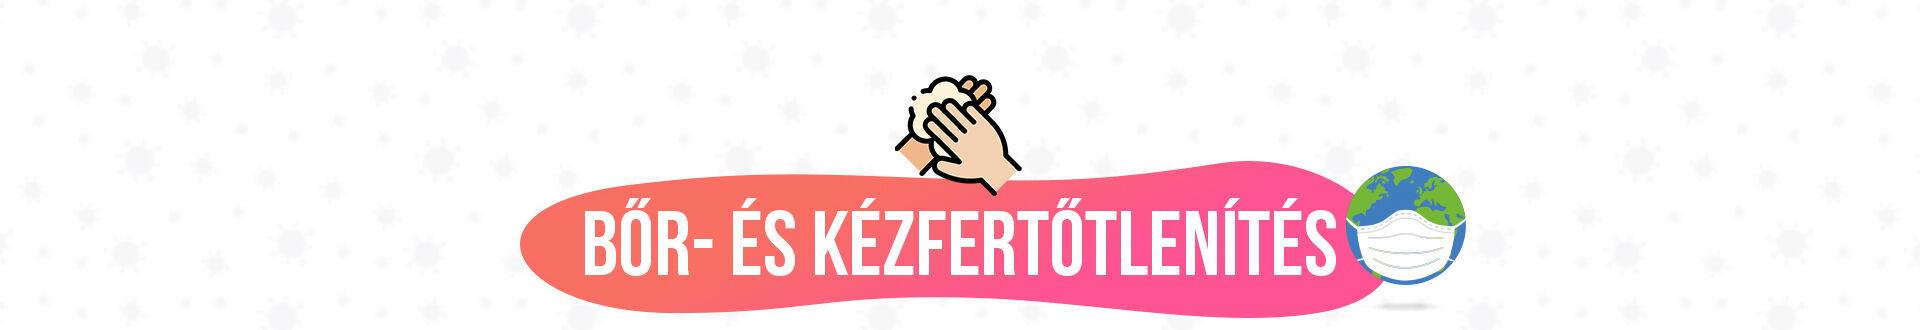 #BŐR- és KÉZFERTŐTLENÍTÉS